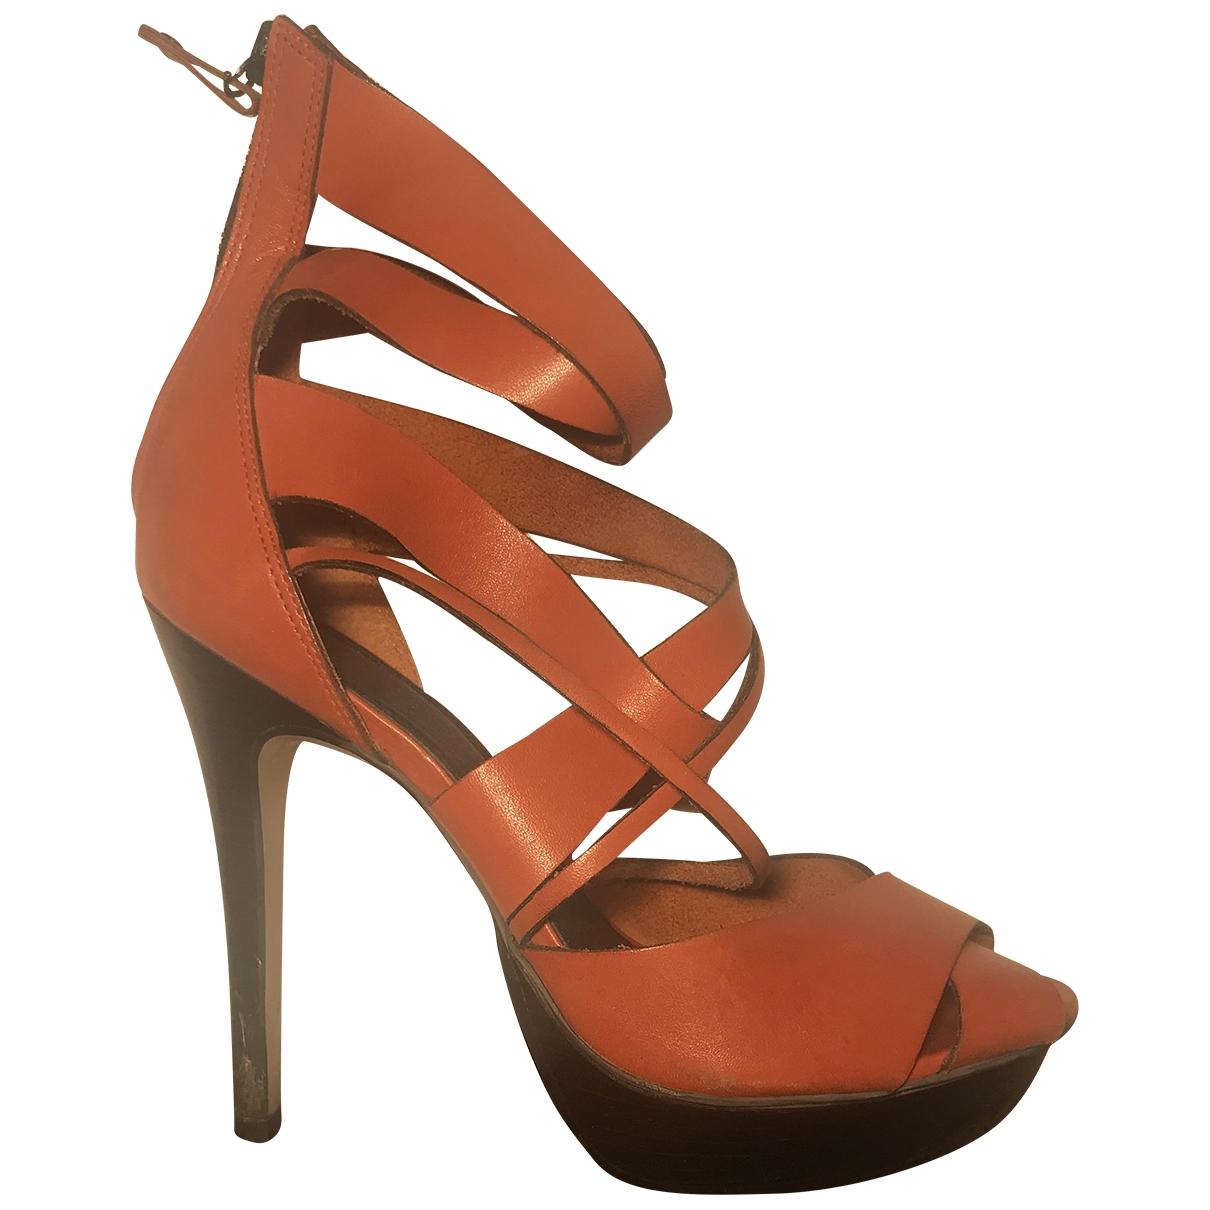 Topshop - Sandales   pour femme en cuir - orange